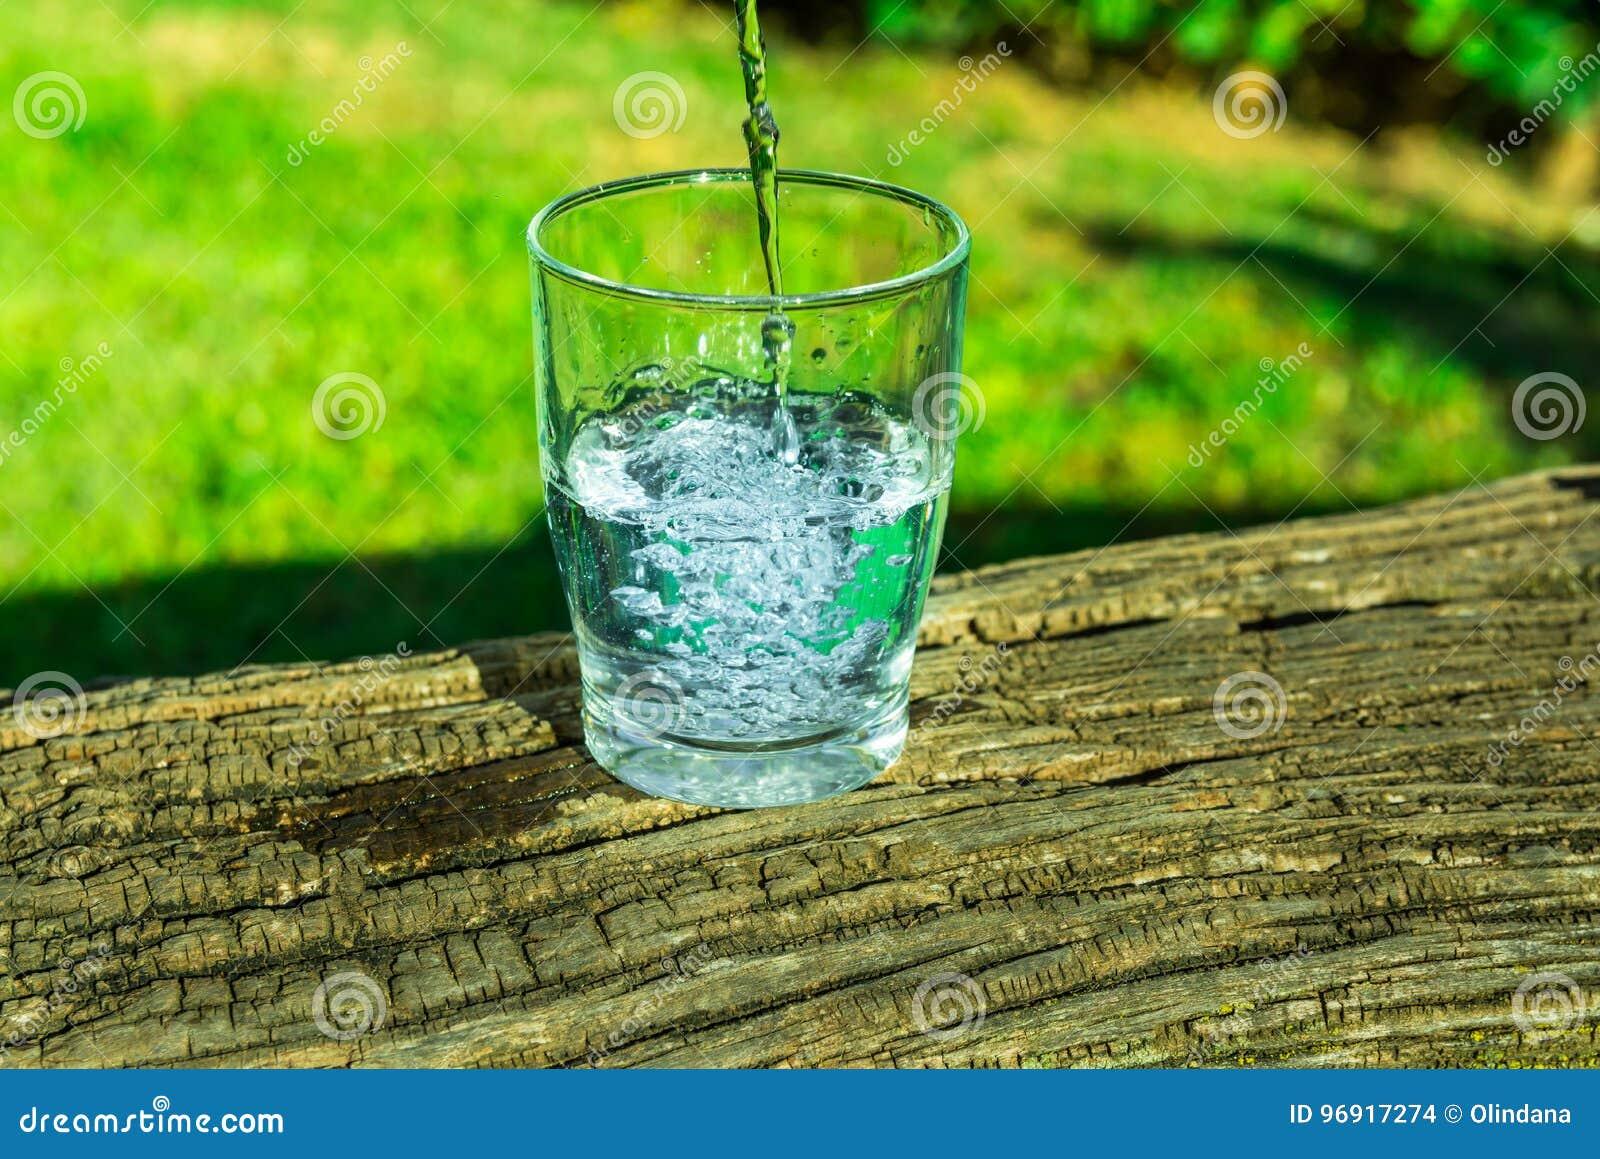 Process av att hälla rent klart vatten in i ett exponeringsglas från överkanten, träjournal, grönt gräs i bakgrunden, utomhus, hä